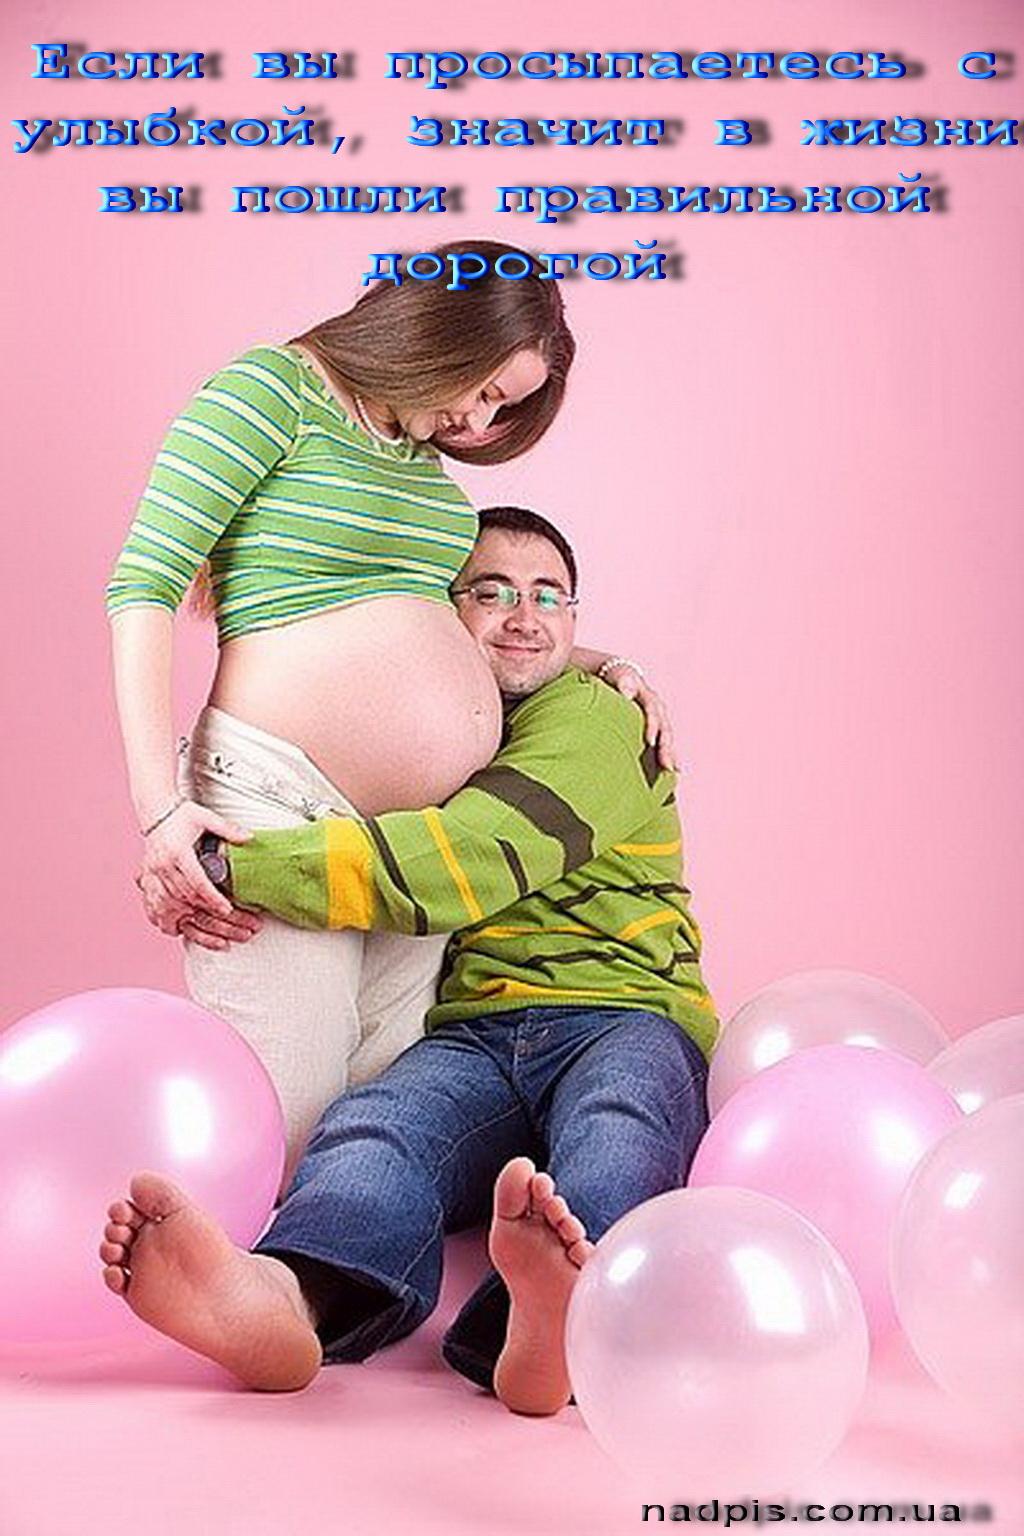 Сонник поздравления с беременностью 4